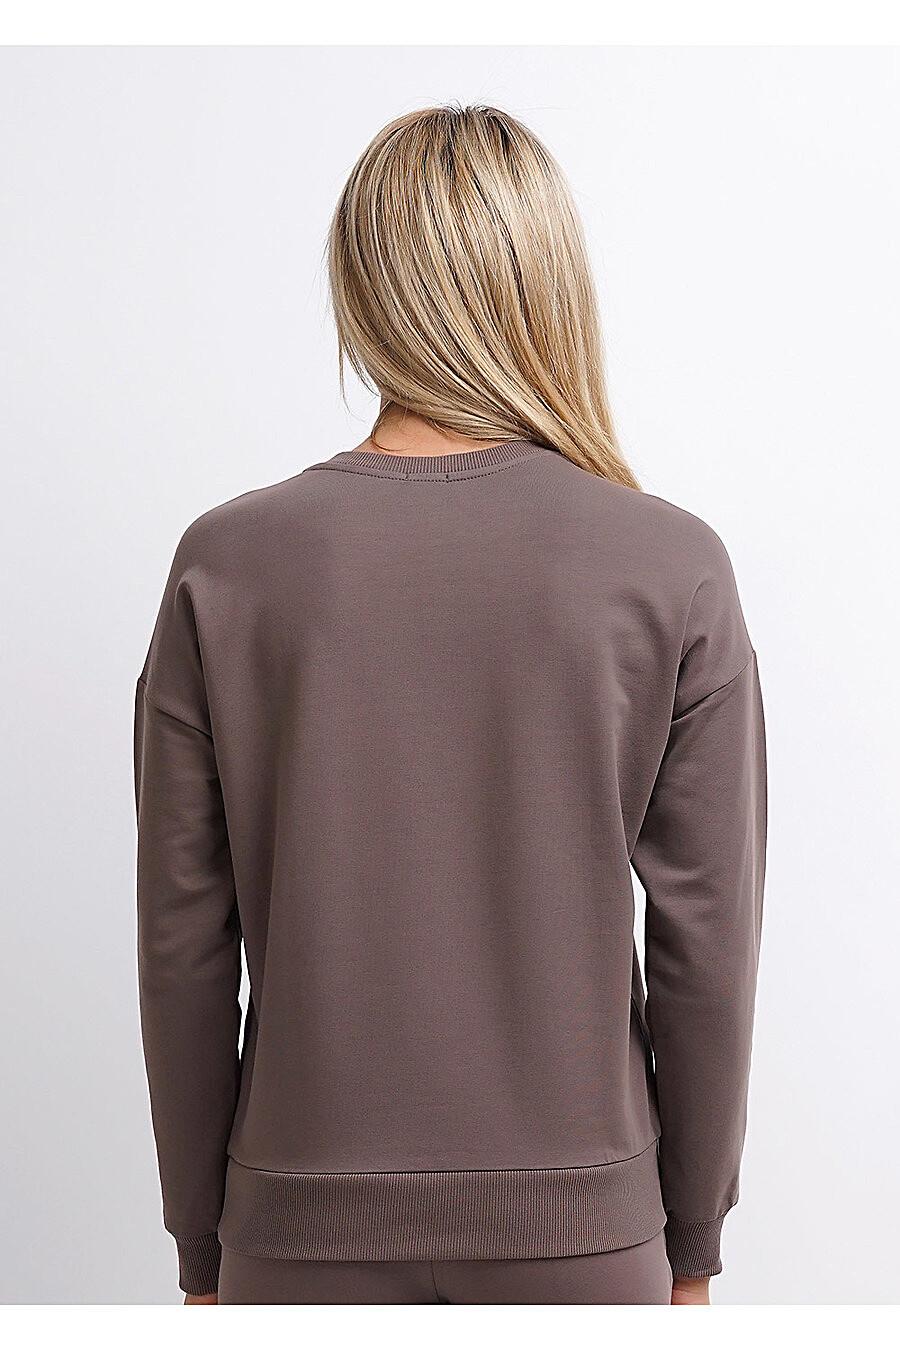 Толстовка для женщин CLEVER 155195 купить оптом от производителя. Совместная покупка женской одежды в OptMoyo